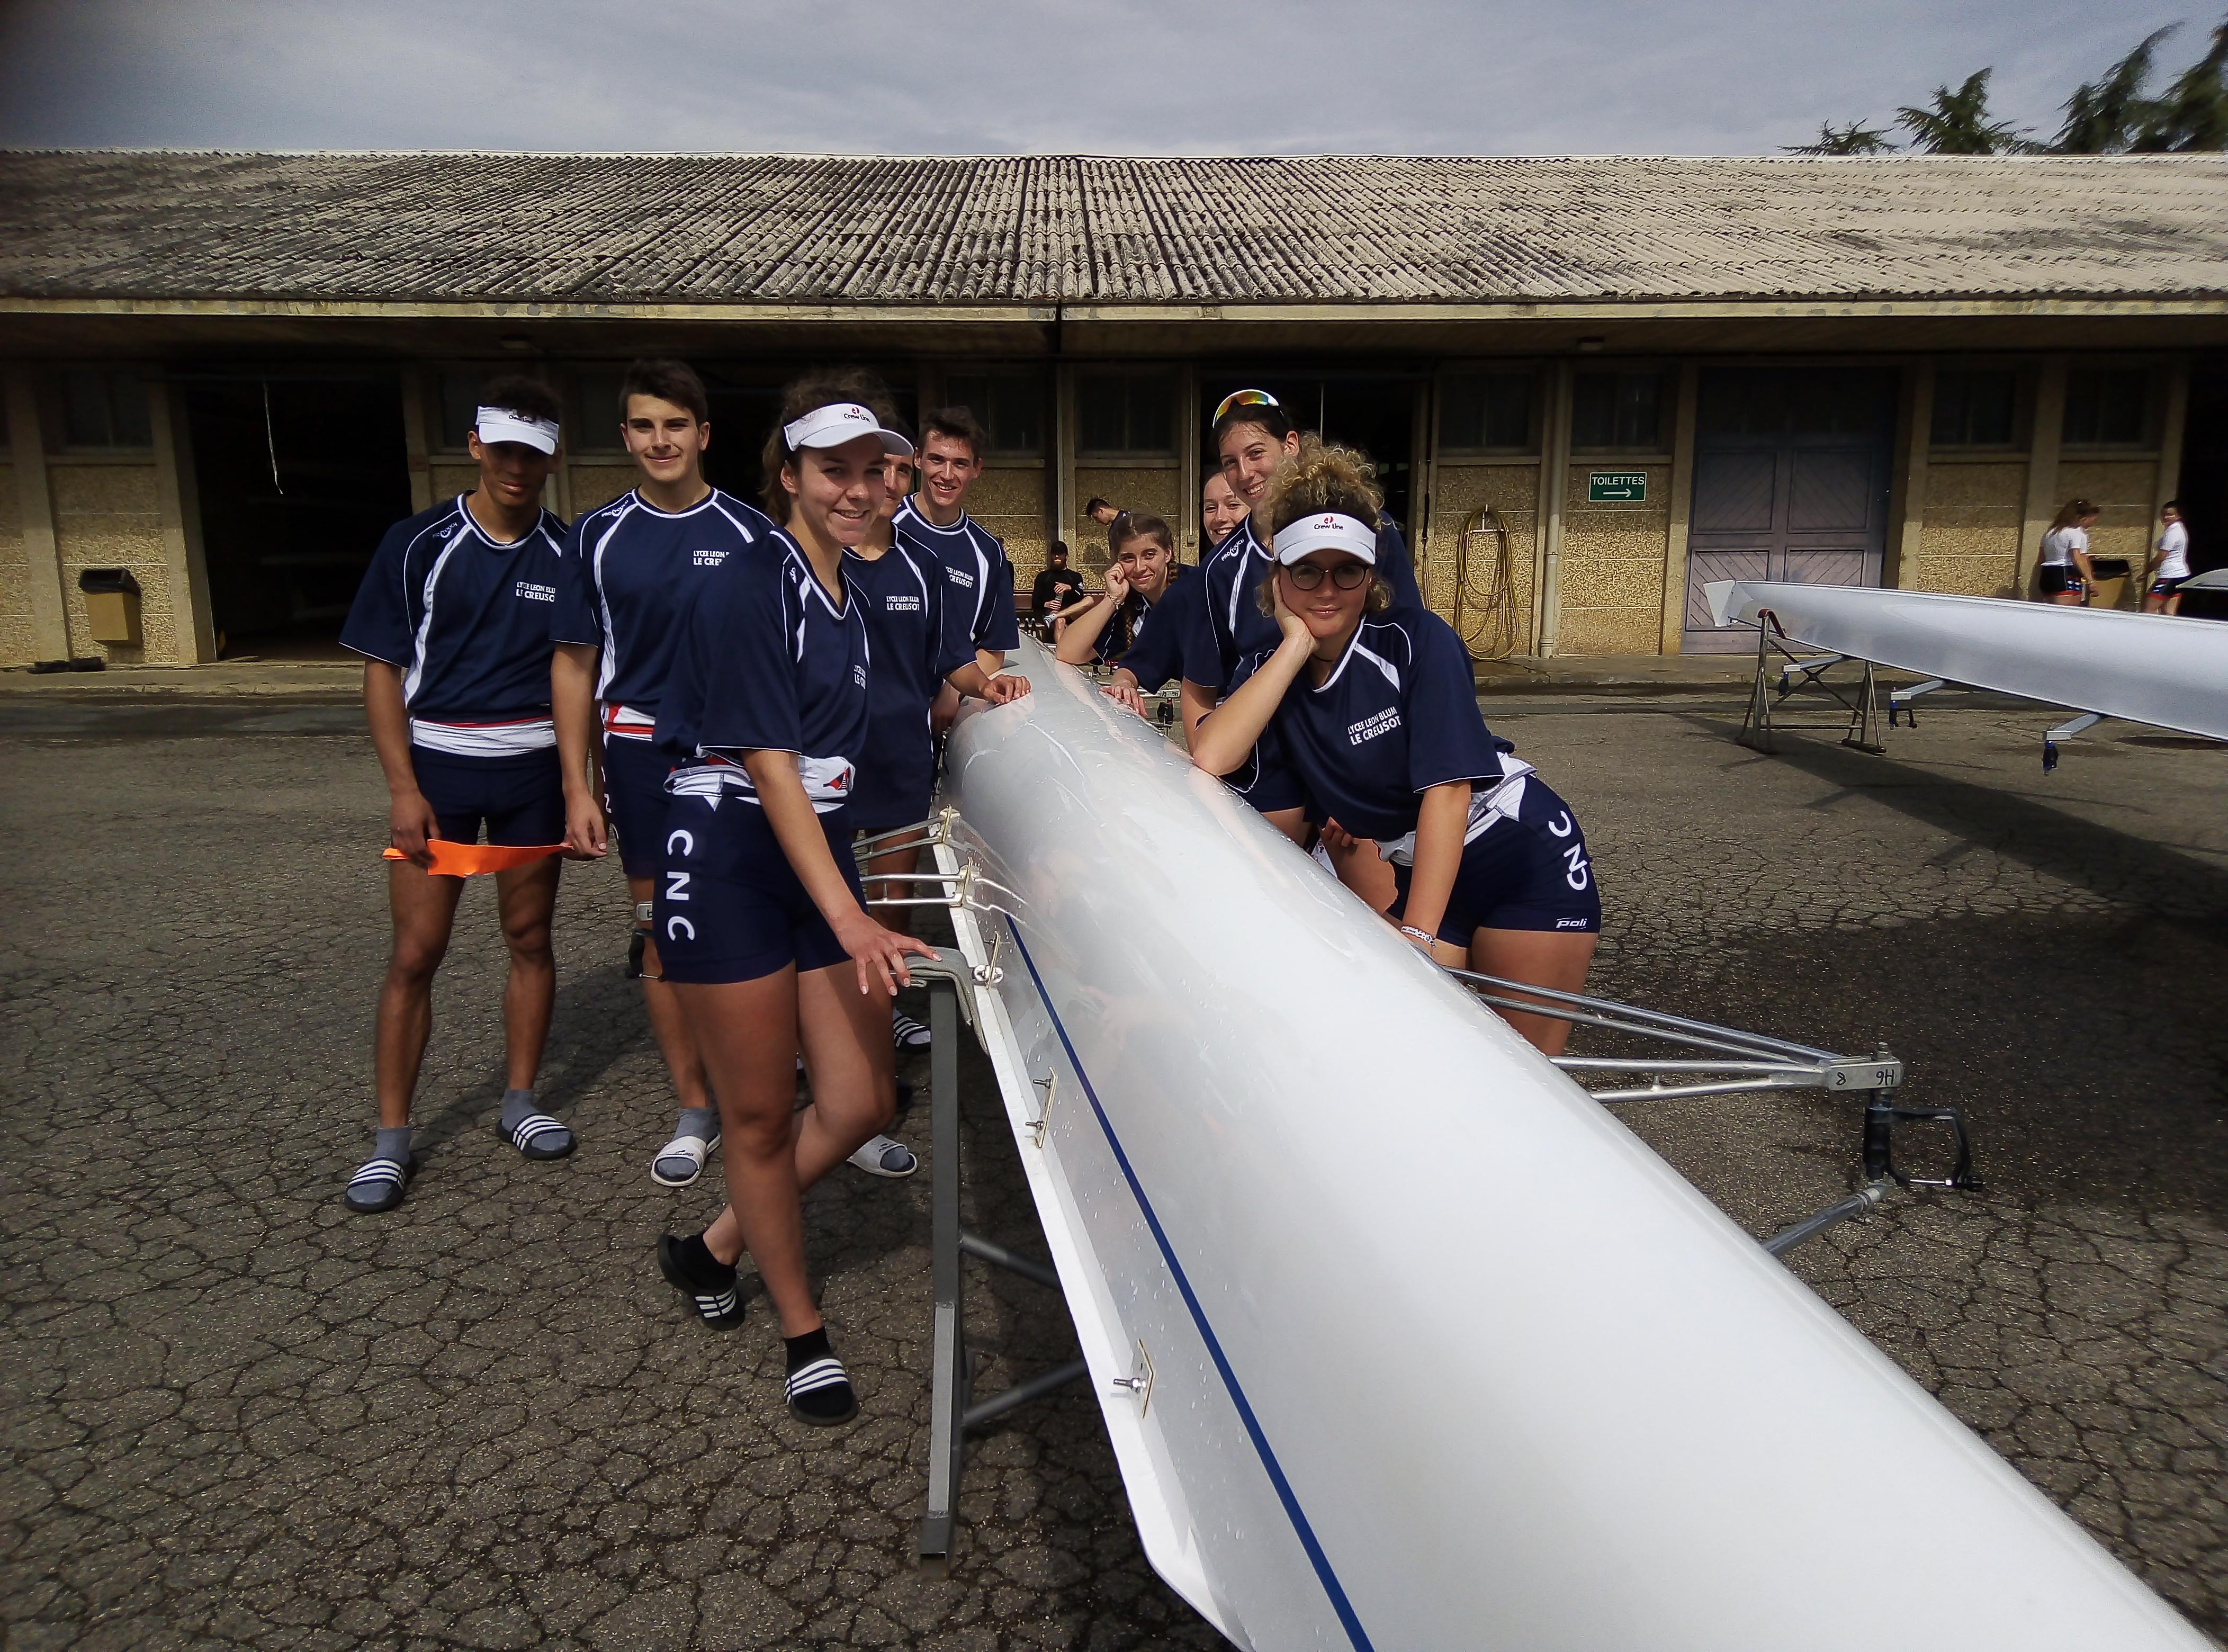 Aviron : 6ème aux Championnats de France